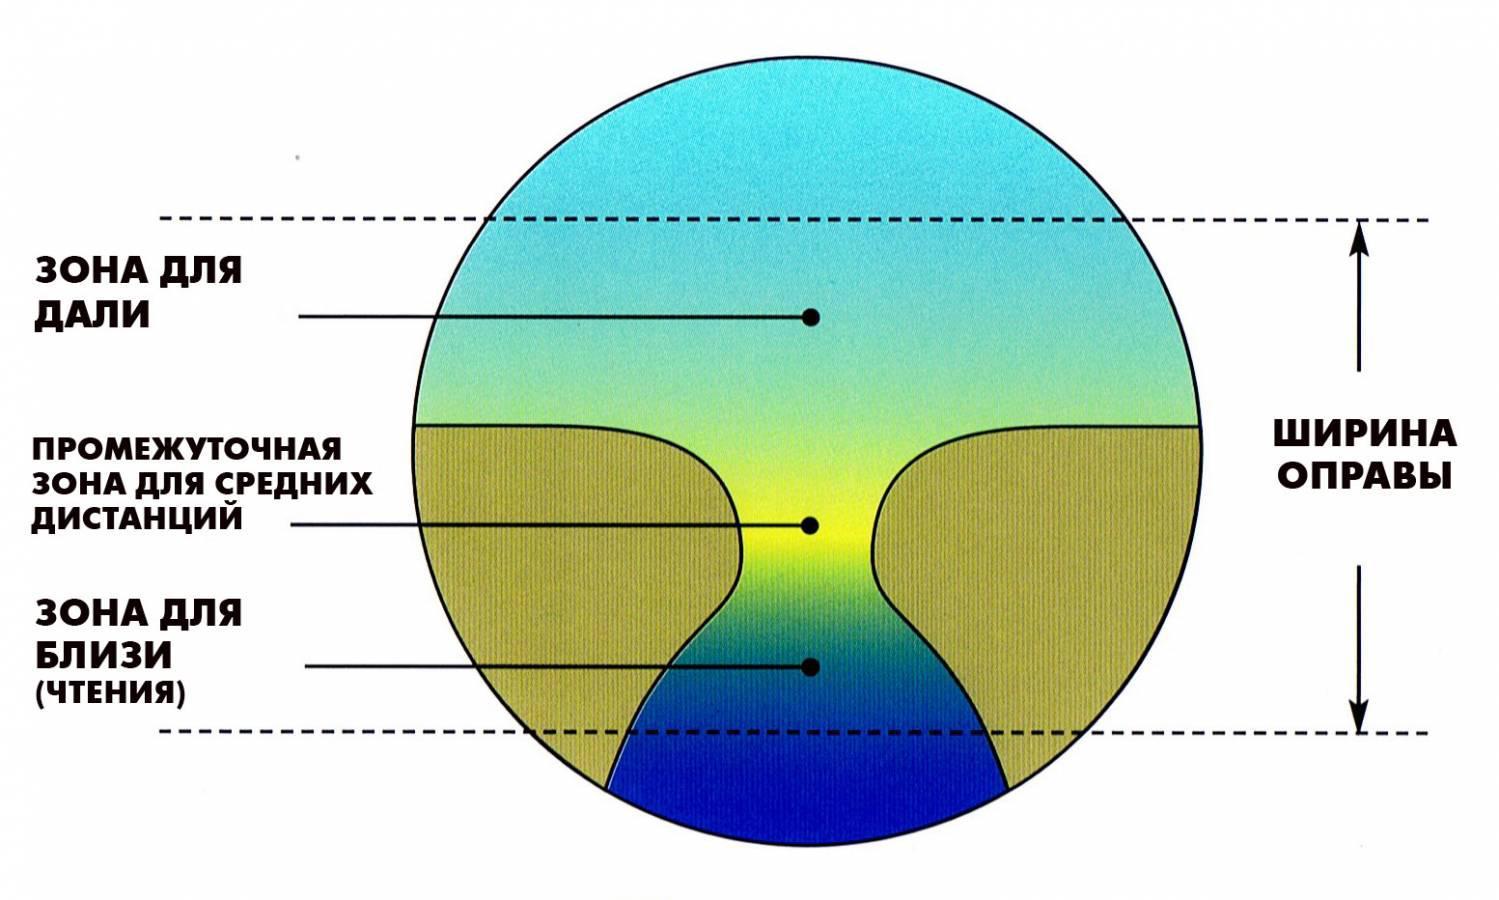 viziune minus 3 dioptrii